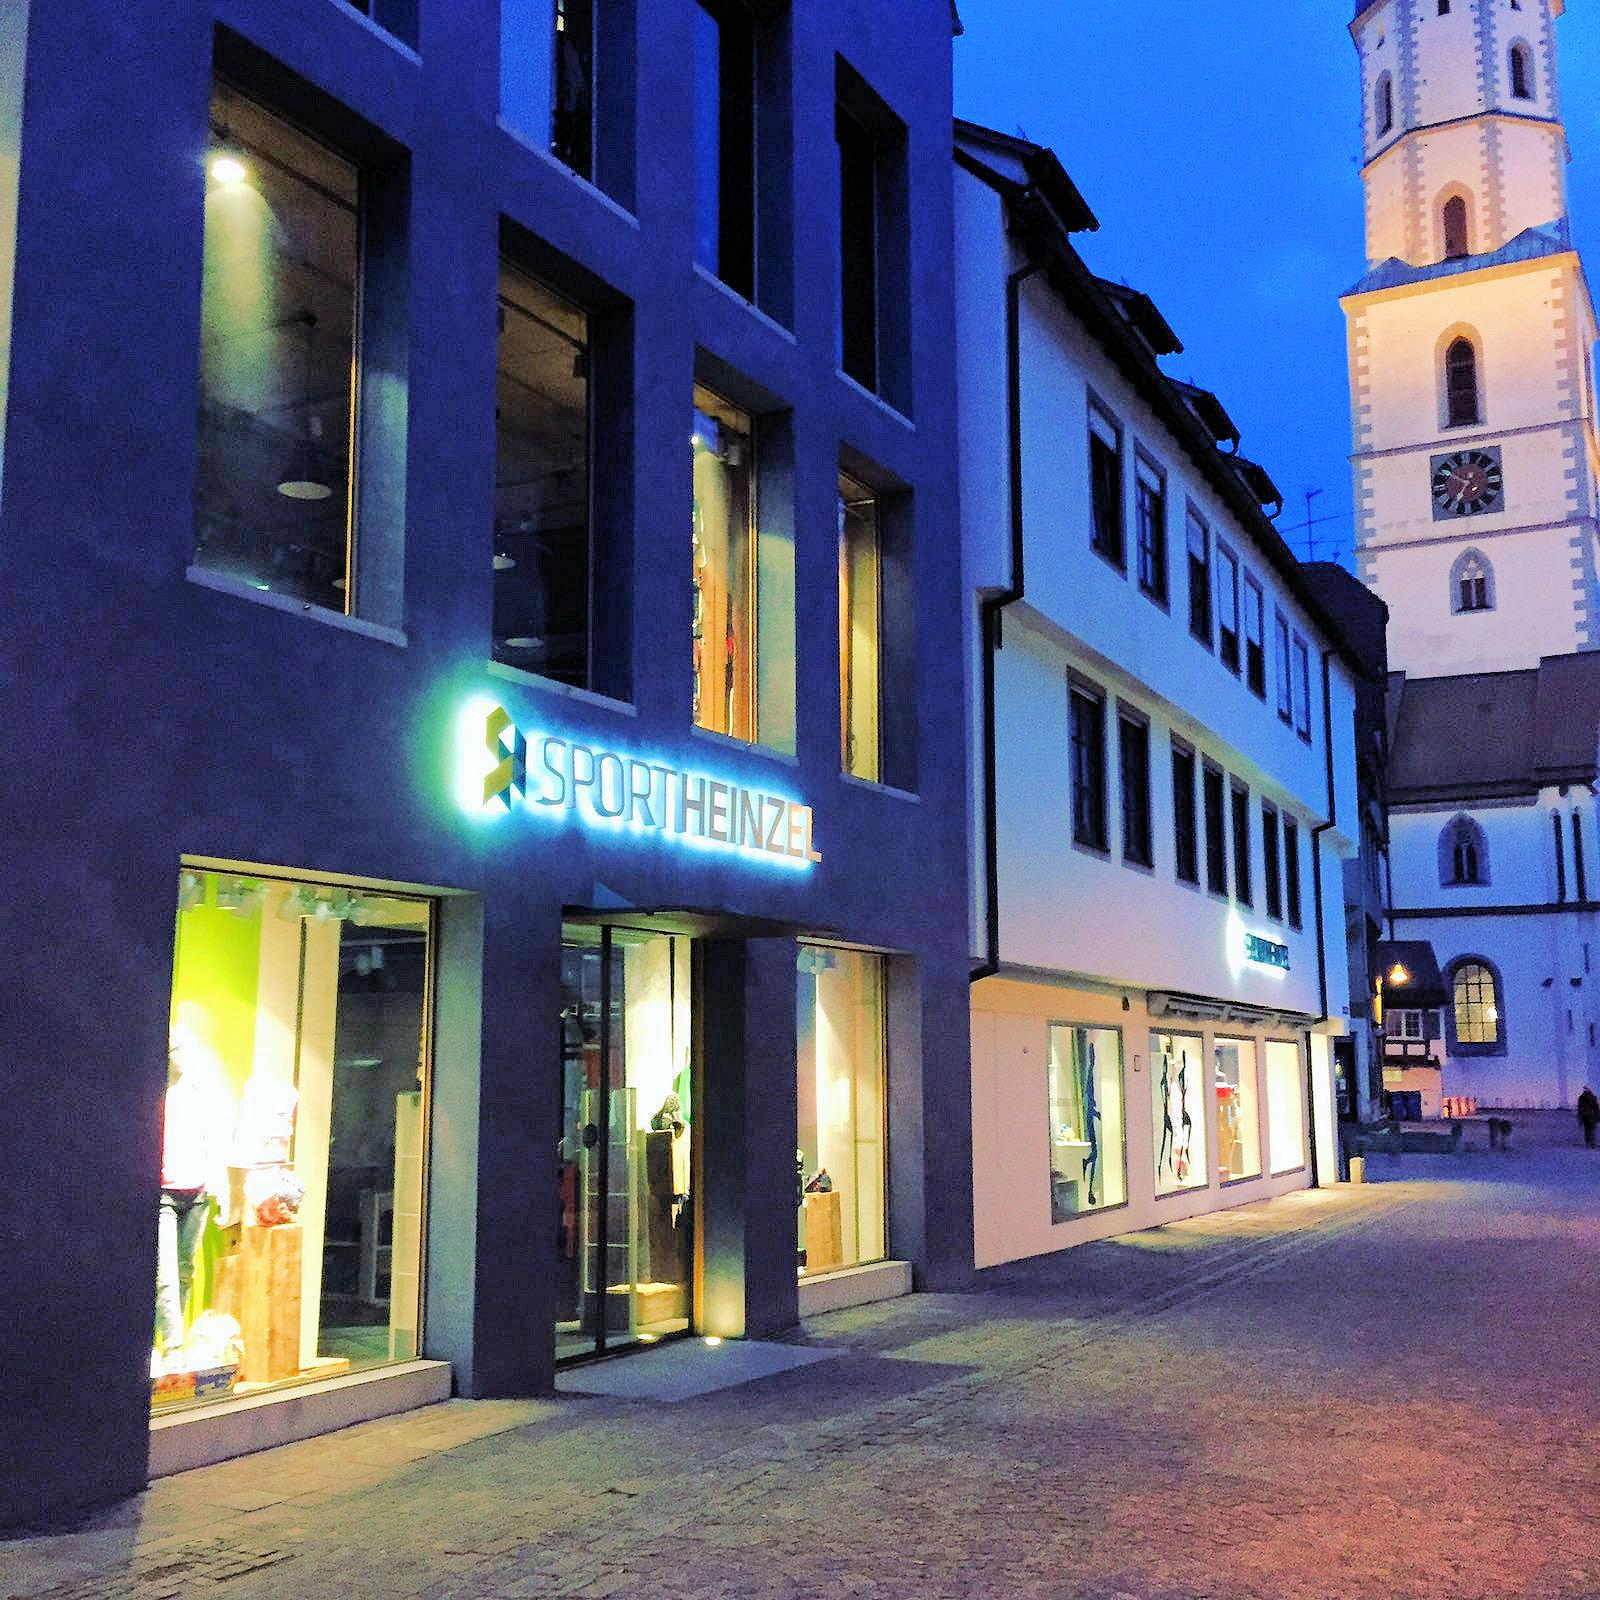 Sport Heinzel GmbH & Co. KG in 88400, Biberach an der Riß